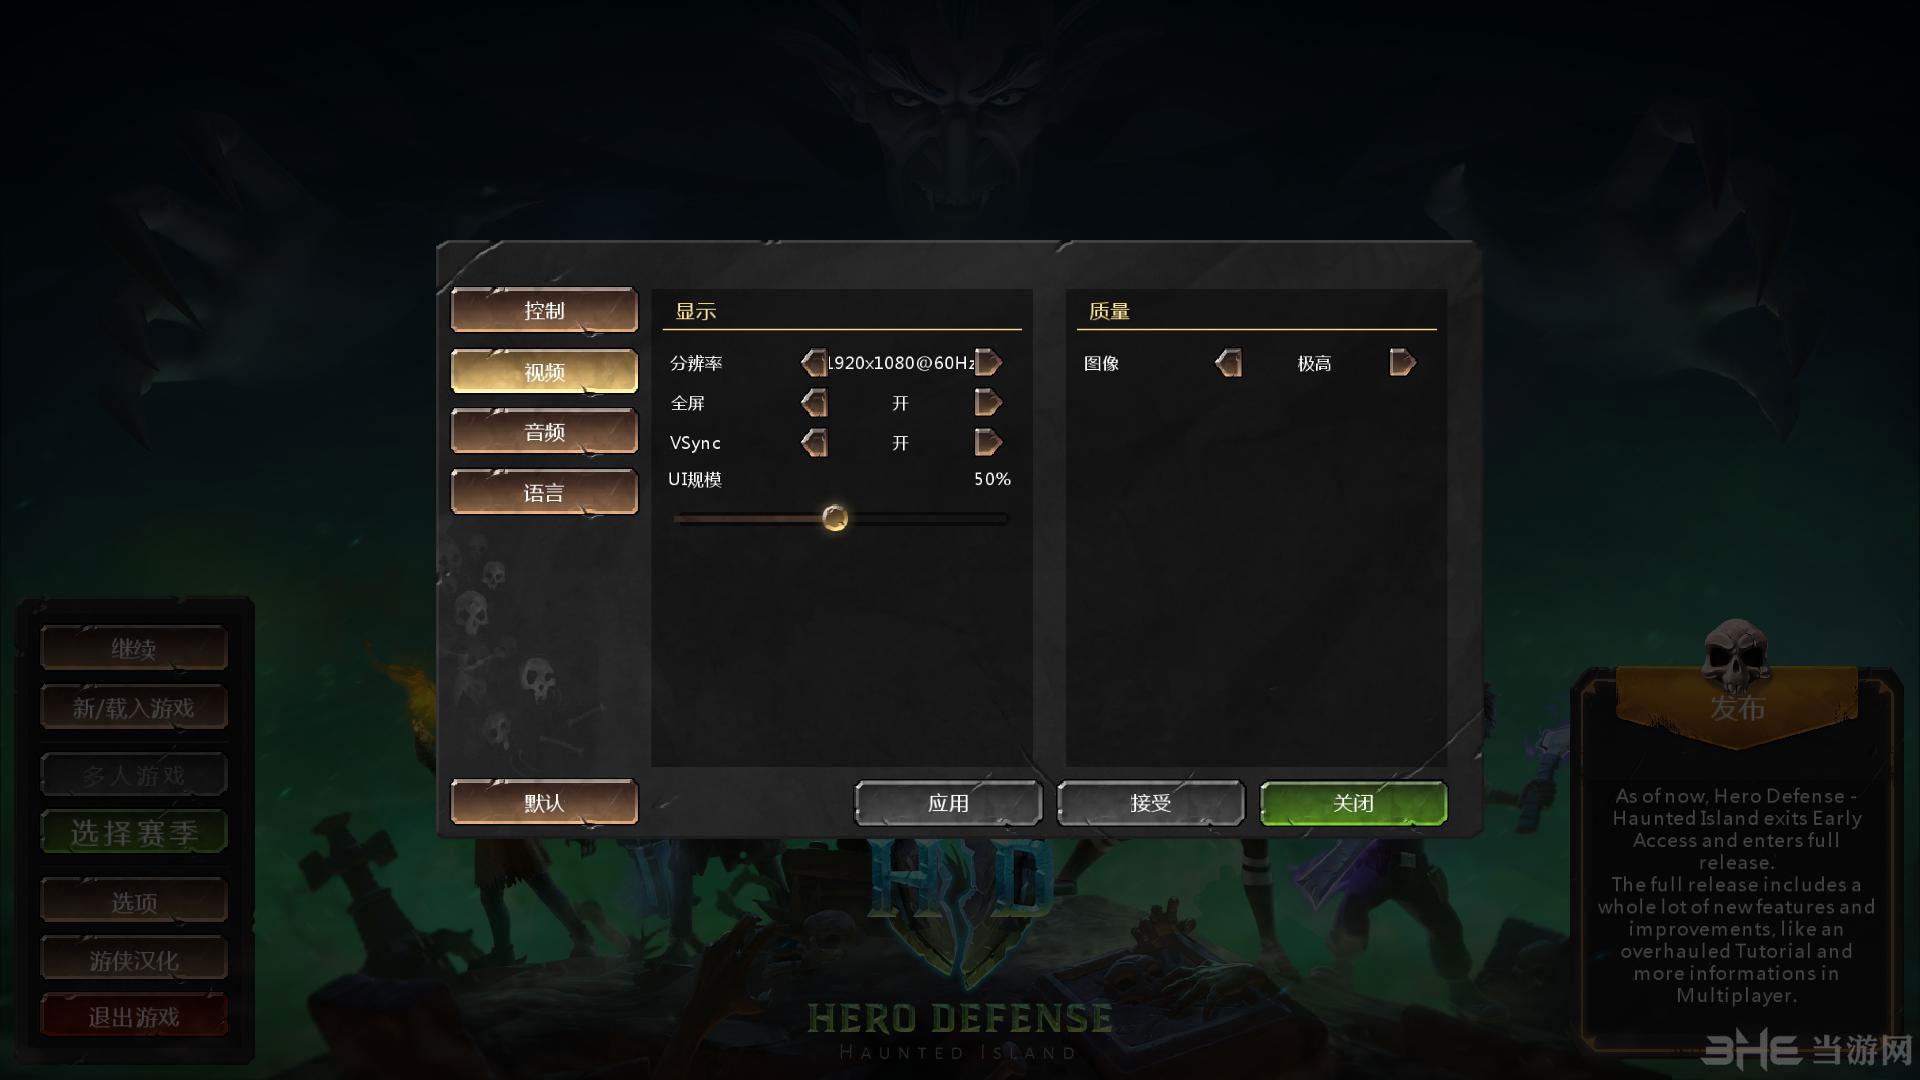 英雄防御之幽魂岛简体中文汉化补丁截图1